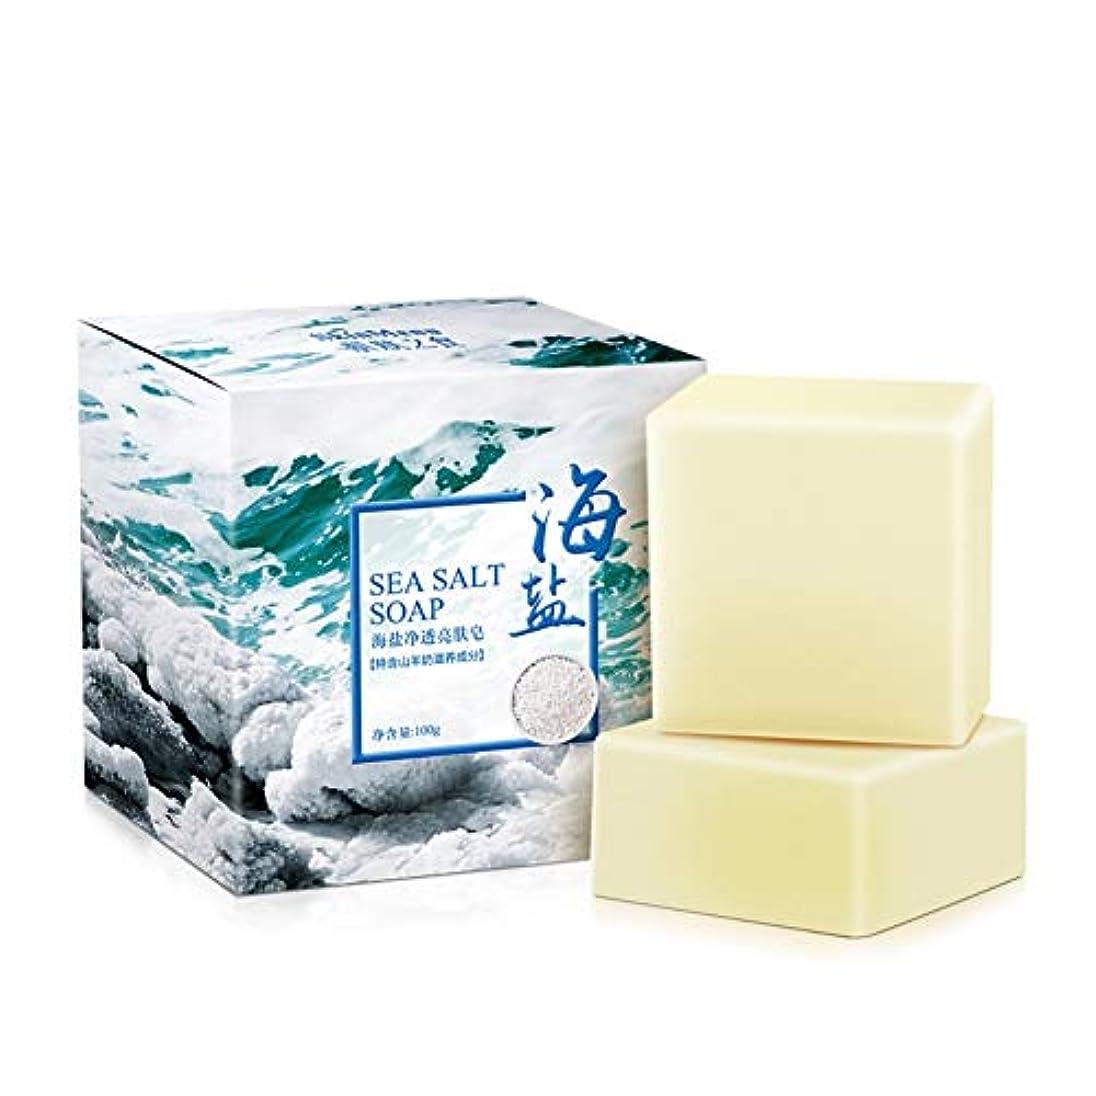 噴水列車してはいけませんCutelove 石鹸 にきび用石鹸 海塩石鹸 海塩石鹸にきび パーソナルケア製品 補修石鹸 ボディークリーニング製品